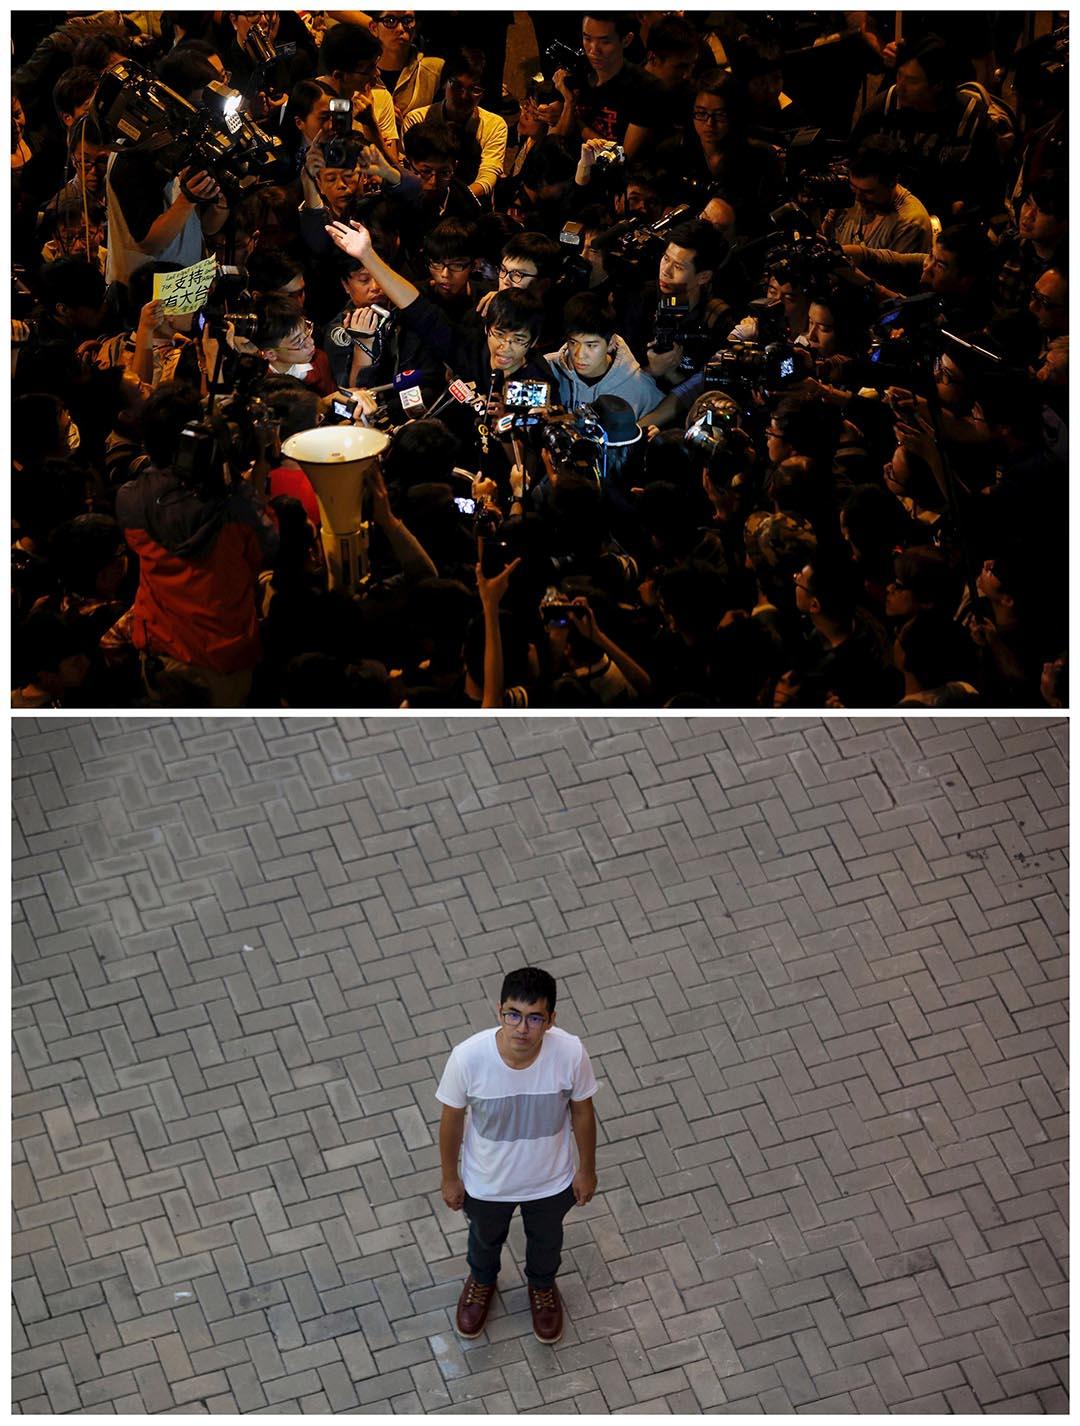 上圖攝於去年11月21日,時任專上學生聯會秘書長周永康在政府總部外接受傳媒訪問。下圖為周永康於今年9月24日在同一地點拍照。他認為香港人應該對雨傘運動感到自豪。他反問:「你有見過香港人為爭取改變而上街和佔領馬路嗎?那一刻,我看到了香港人的另一面。」攝:(上圖)Bobby Yip/REUTERS,(下圖)Tyrone Siu/REUTERS